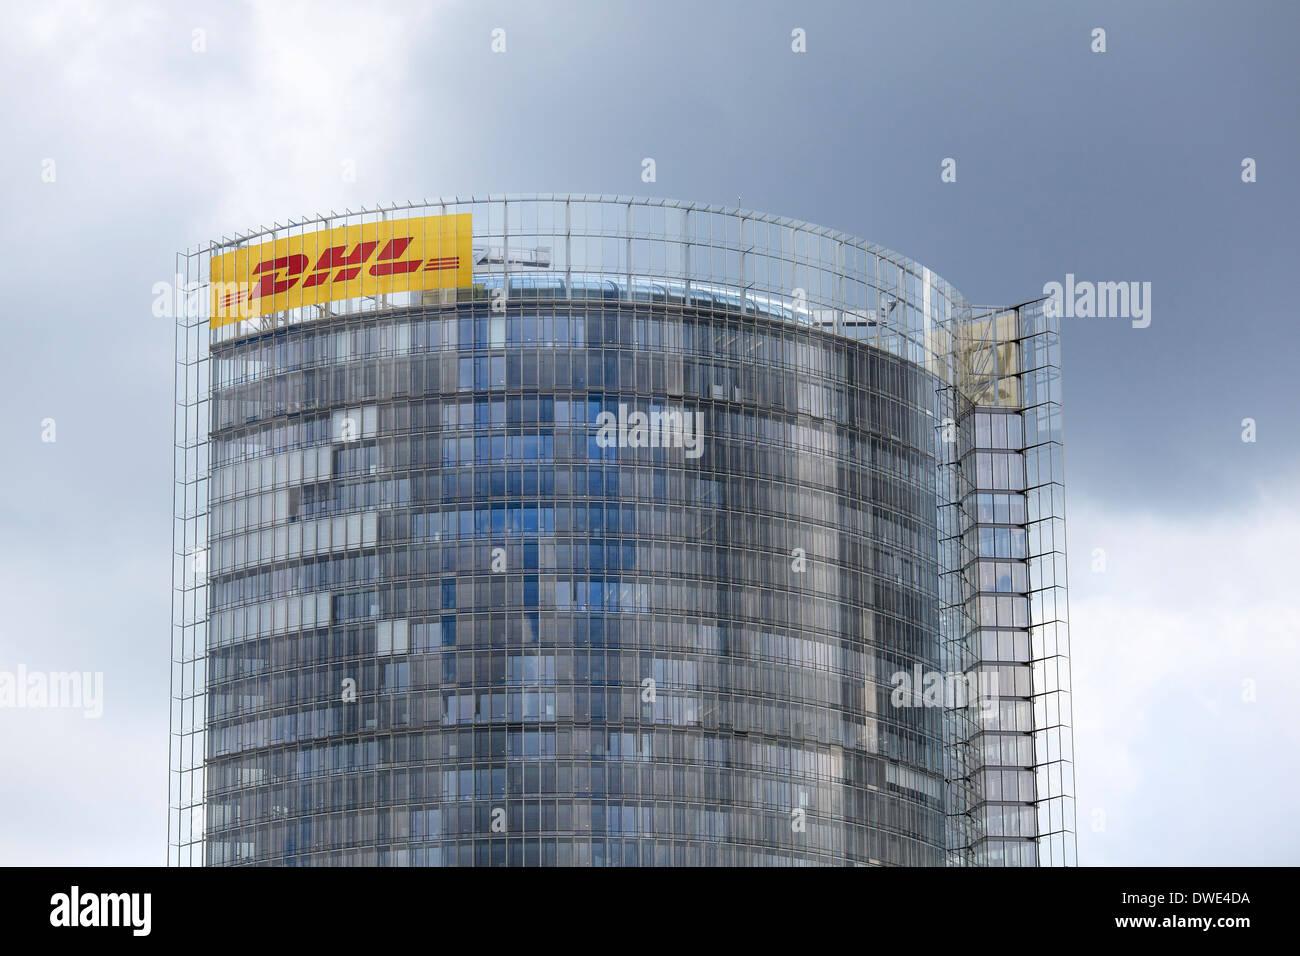 La Post Tower Building, Deutsche Post DHL, siège de Bonn, Allemagne. Banque D'Images